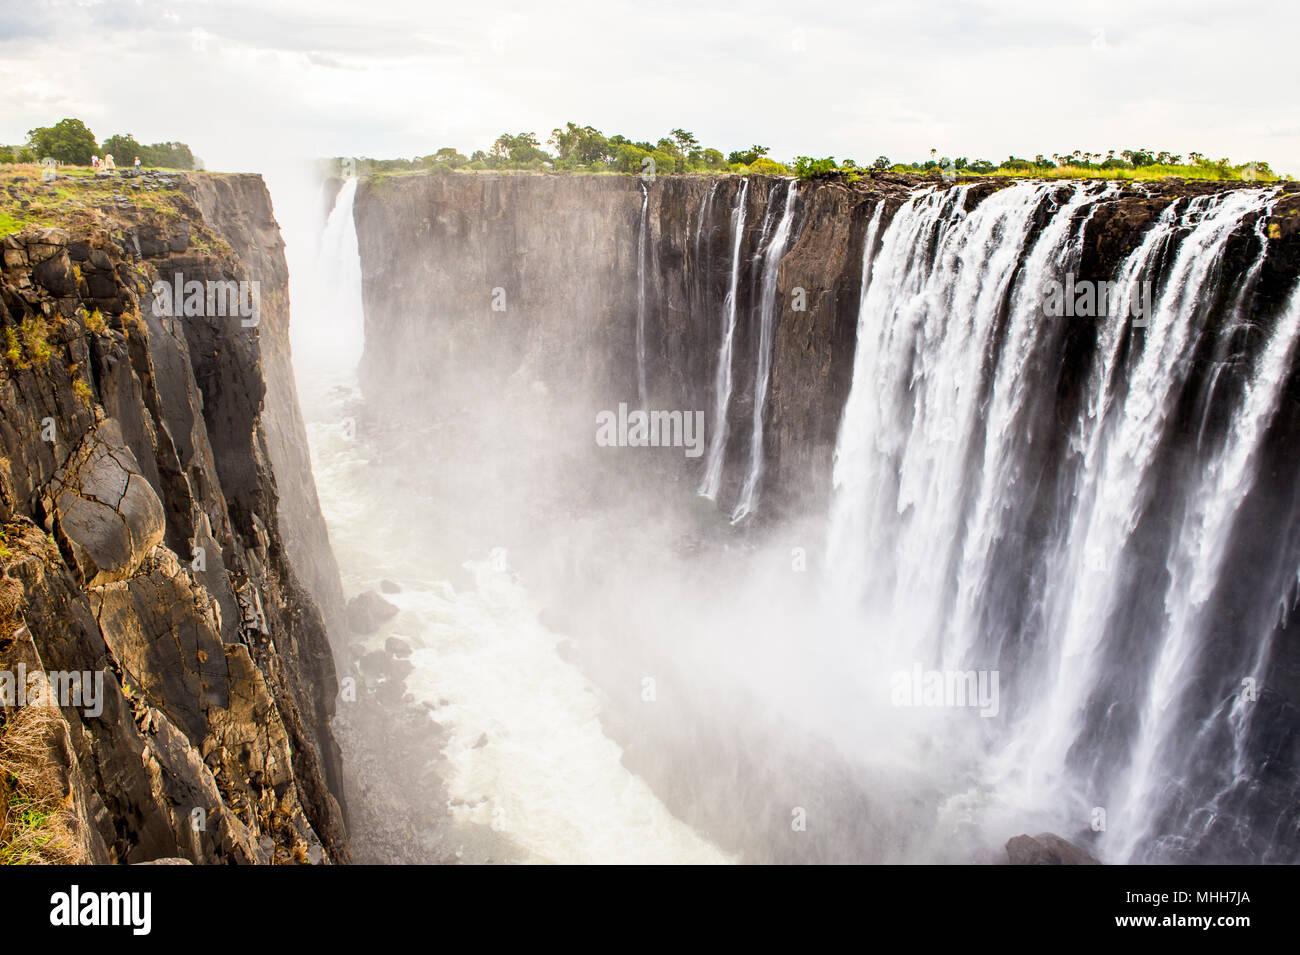 Vista panoramica della Victoria Falls, fiume Zambesi, Zimbabwe e Zambia Immagini Stock